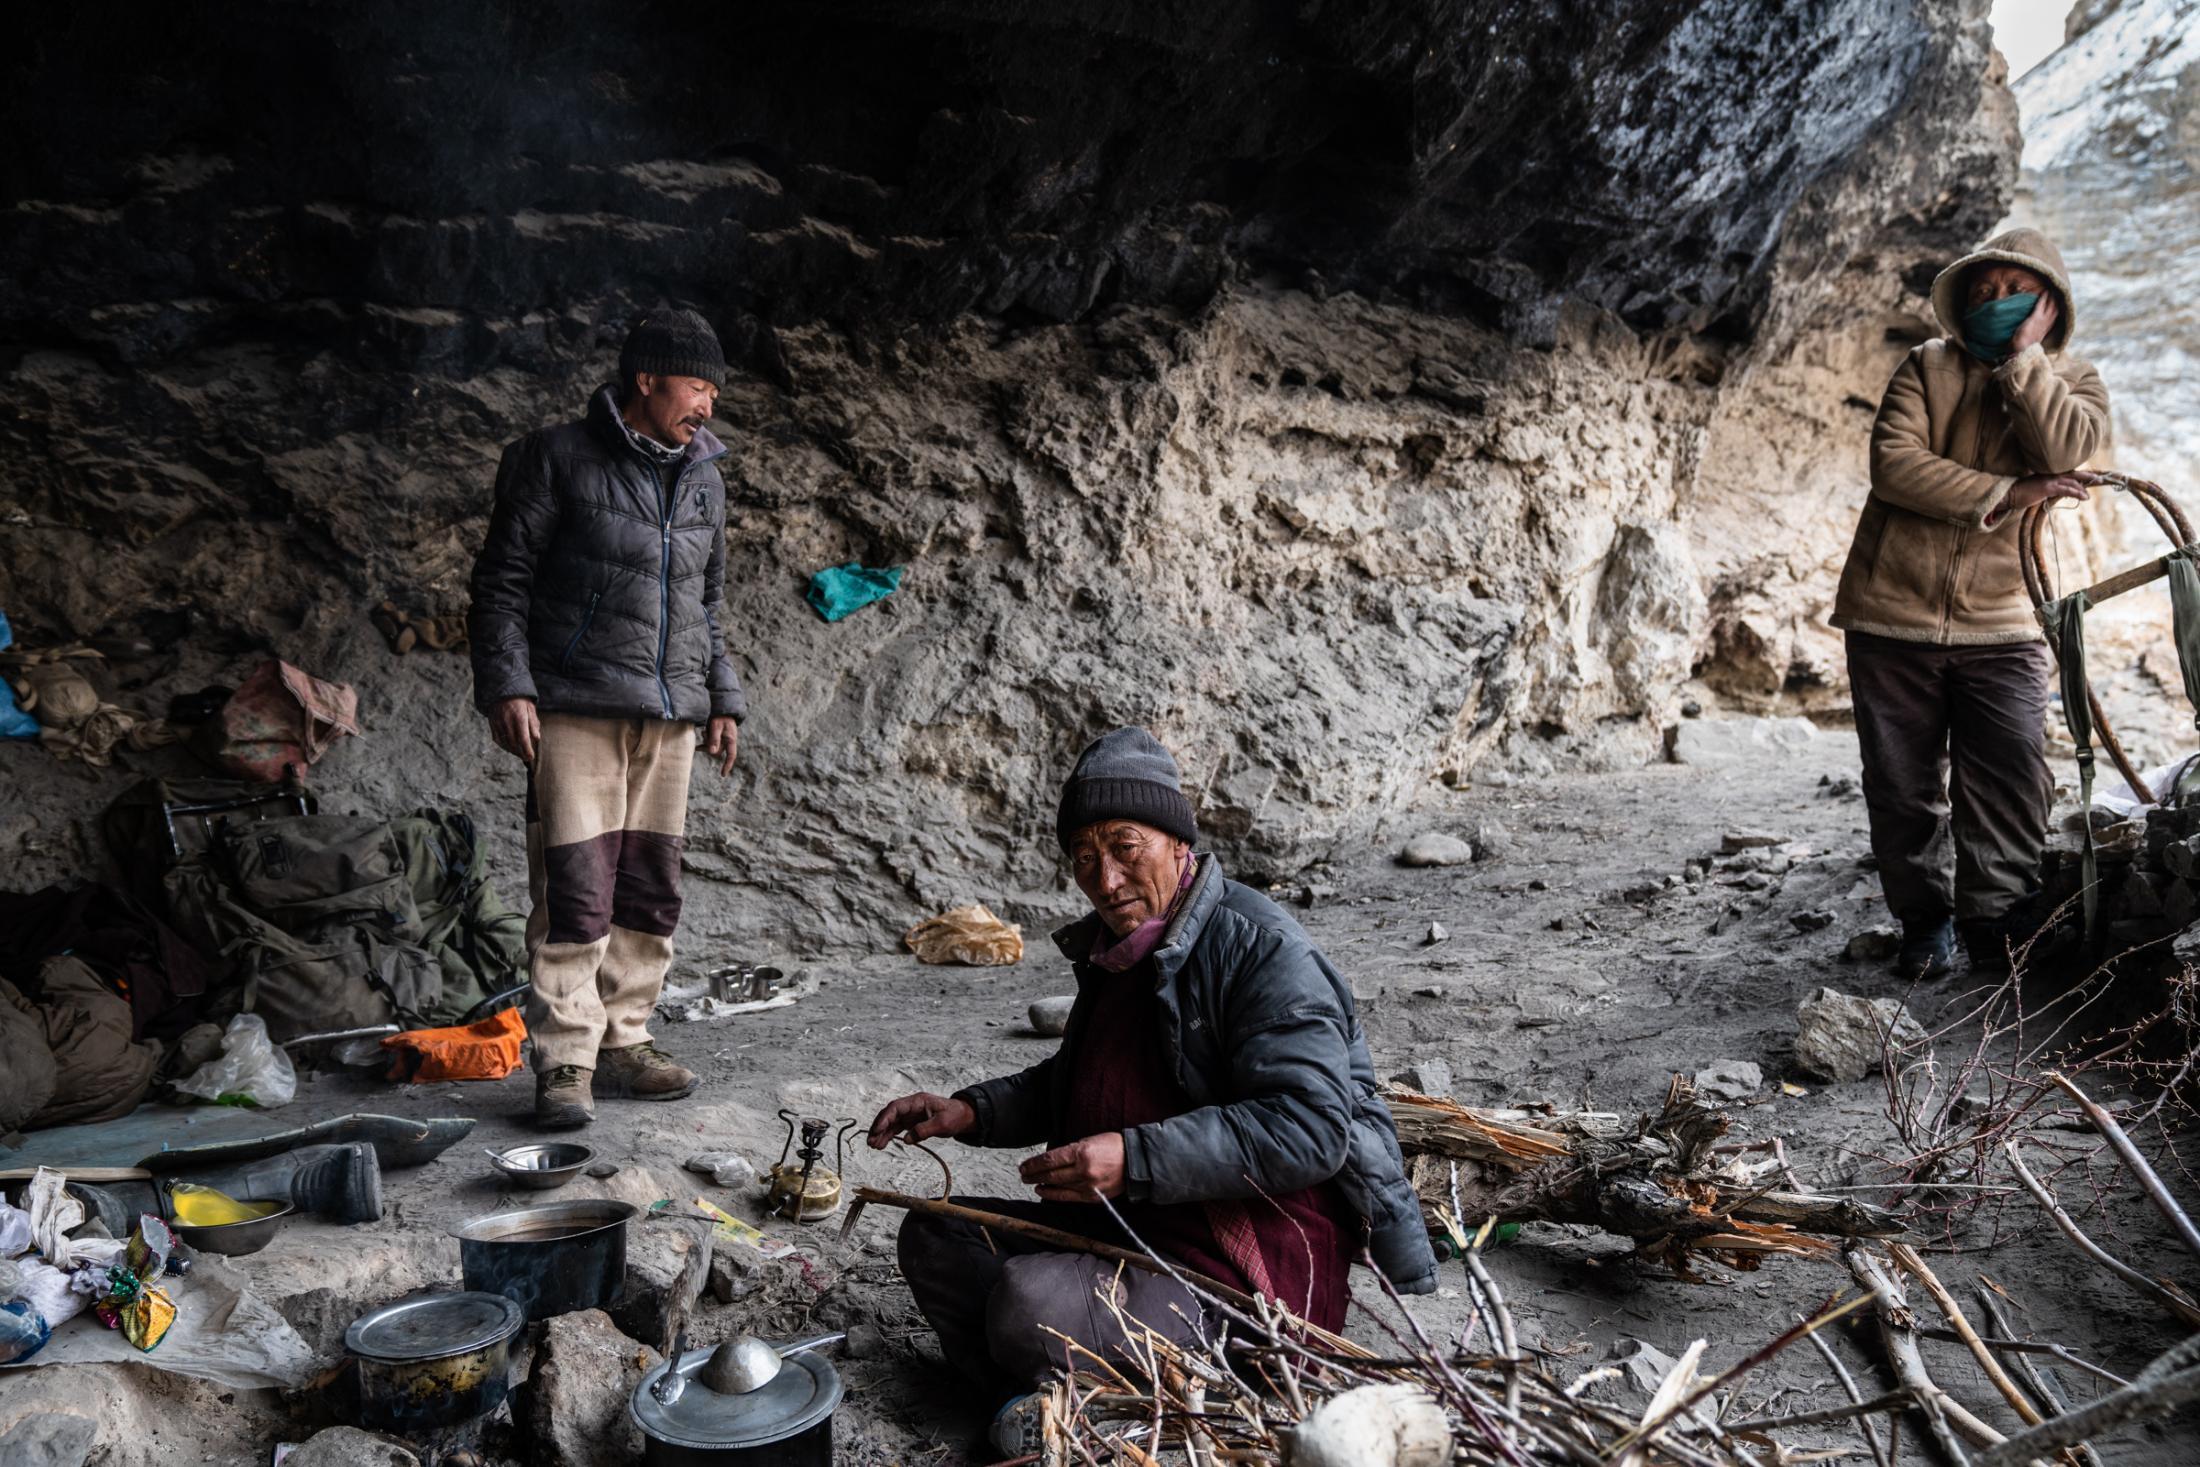 Zanskari's inside Tibb Cave preparing for the night.